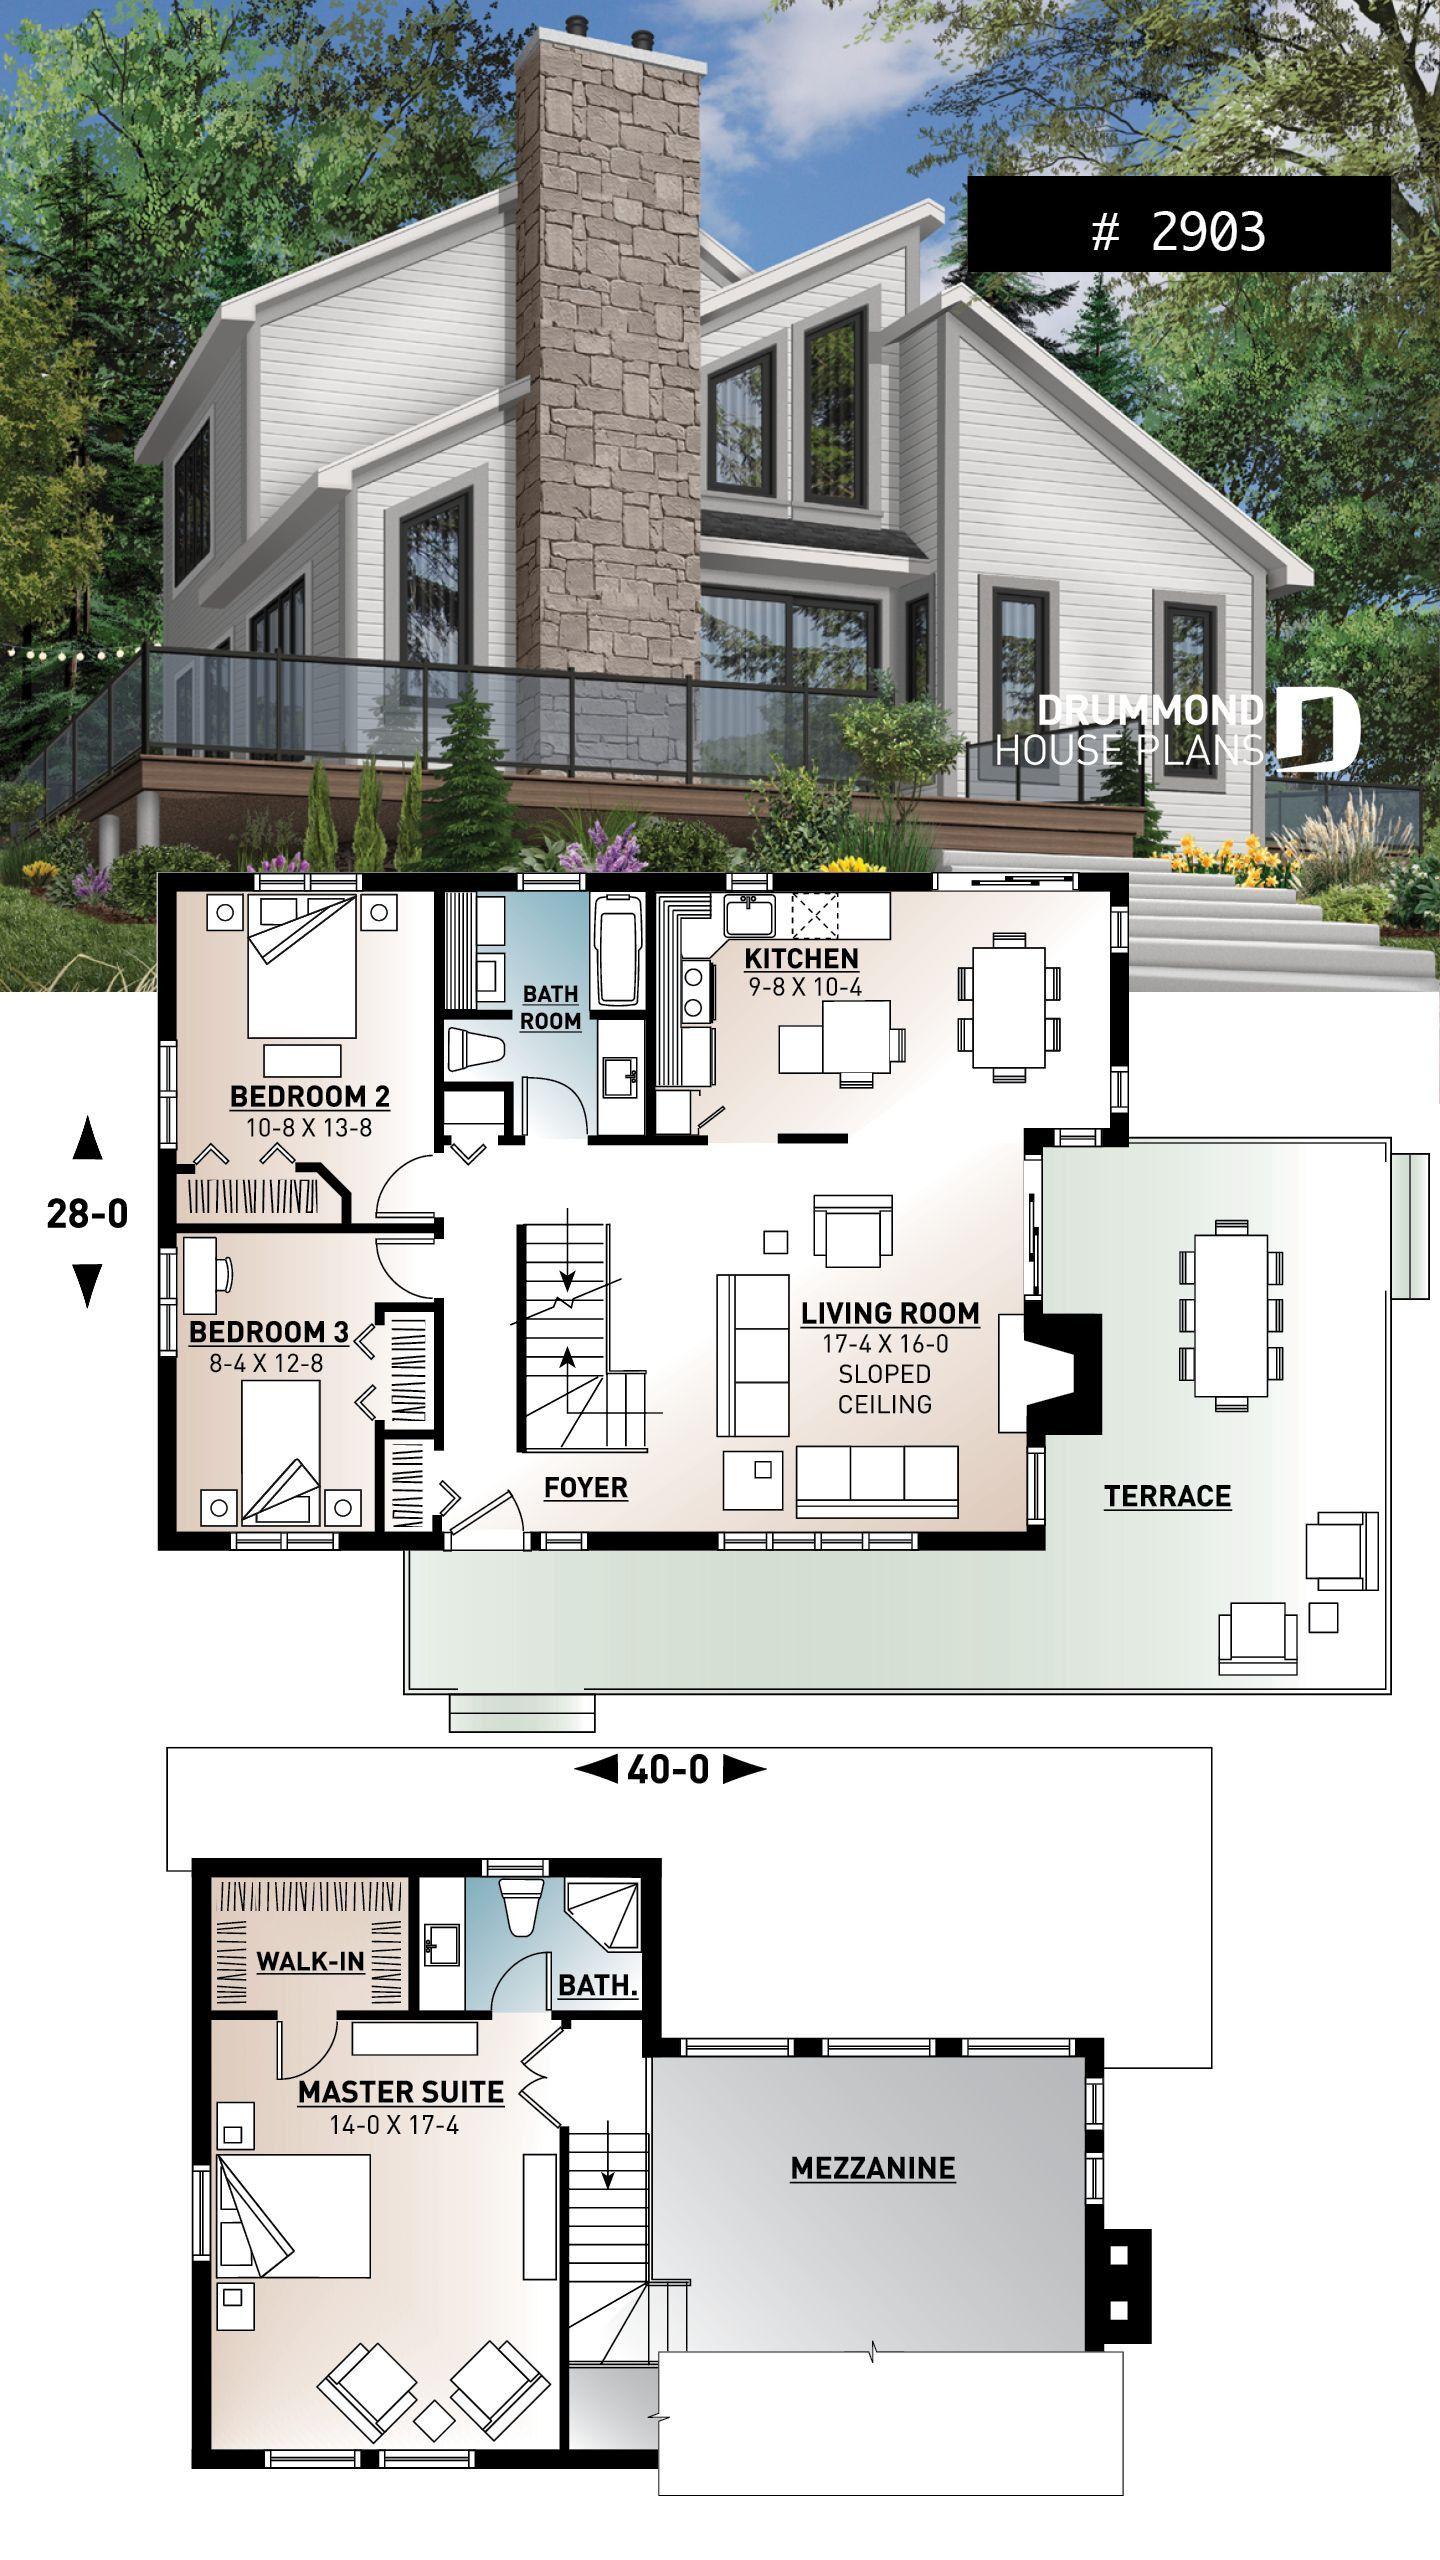 Open Concept House Plans 2020 Arsitektur Modern Arsitektur Desain Arsitektur